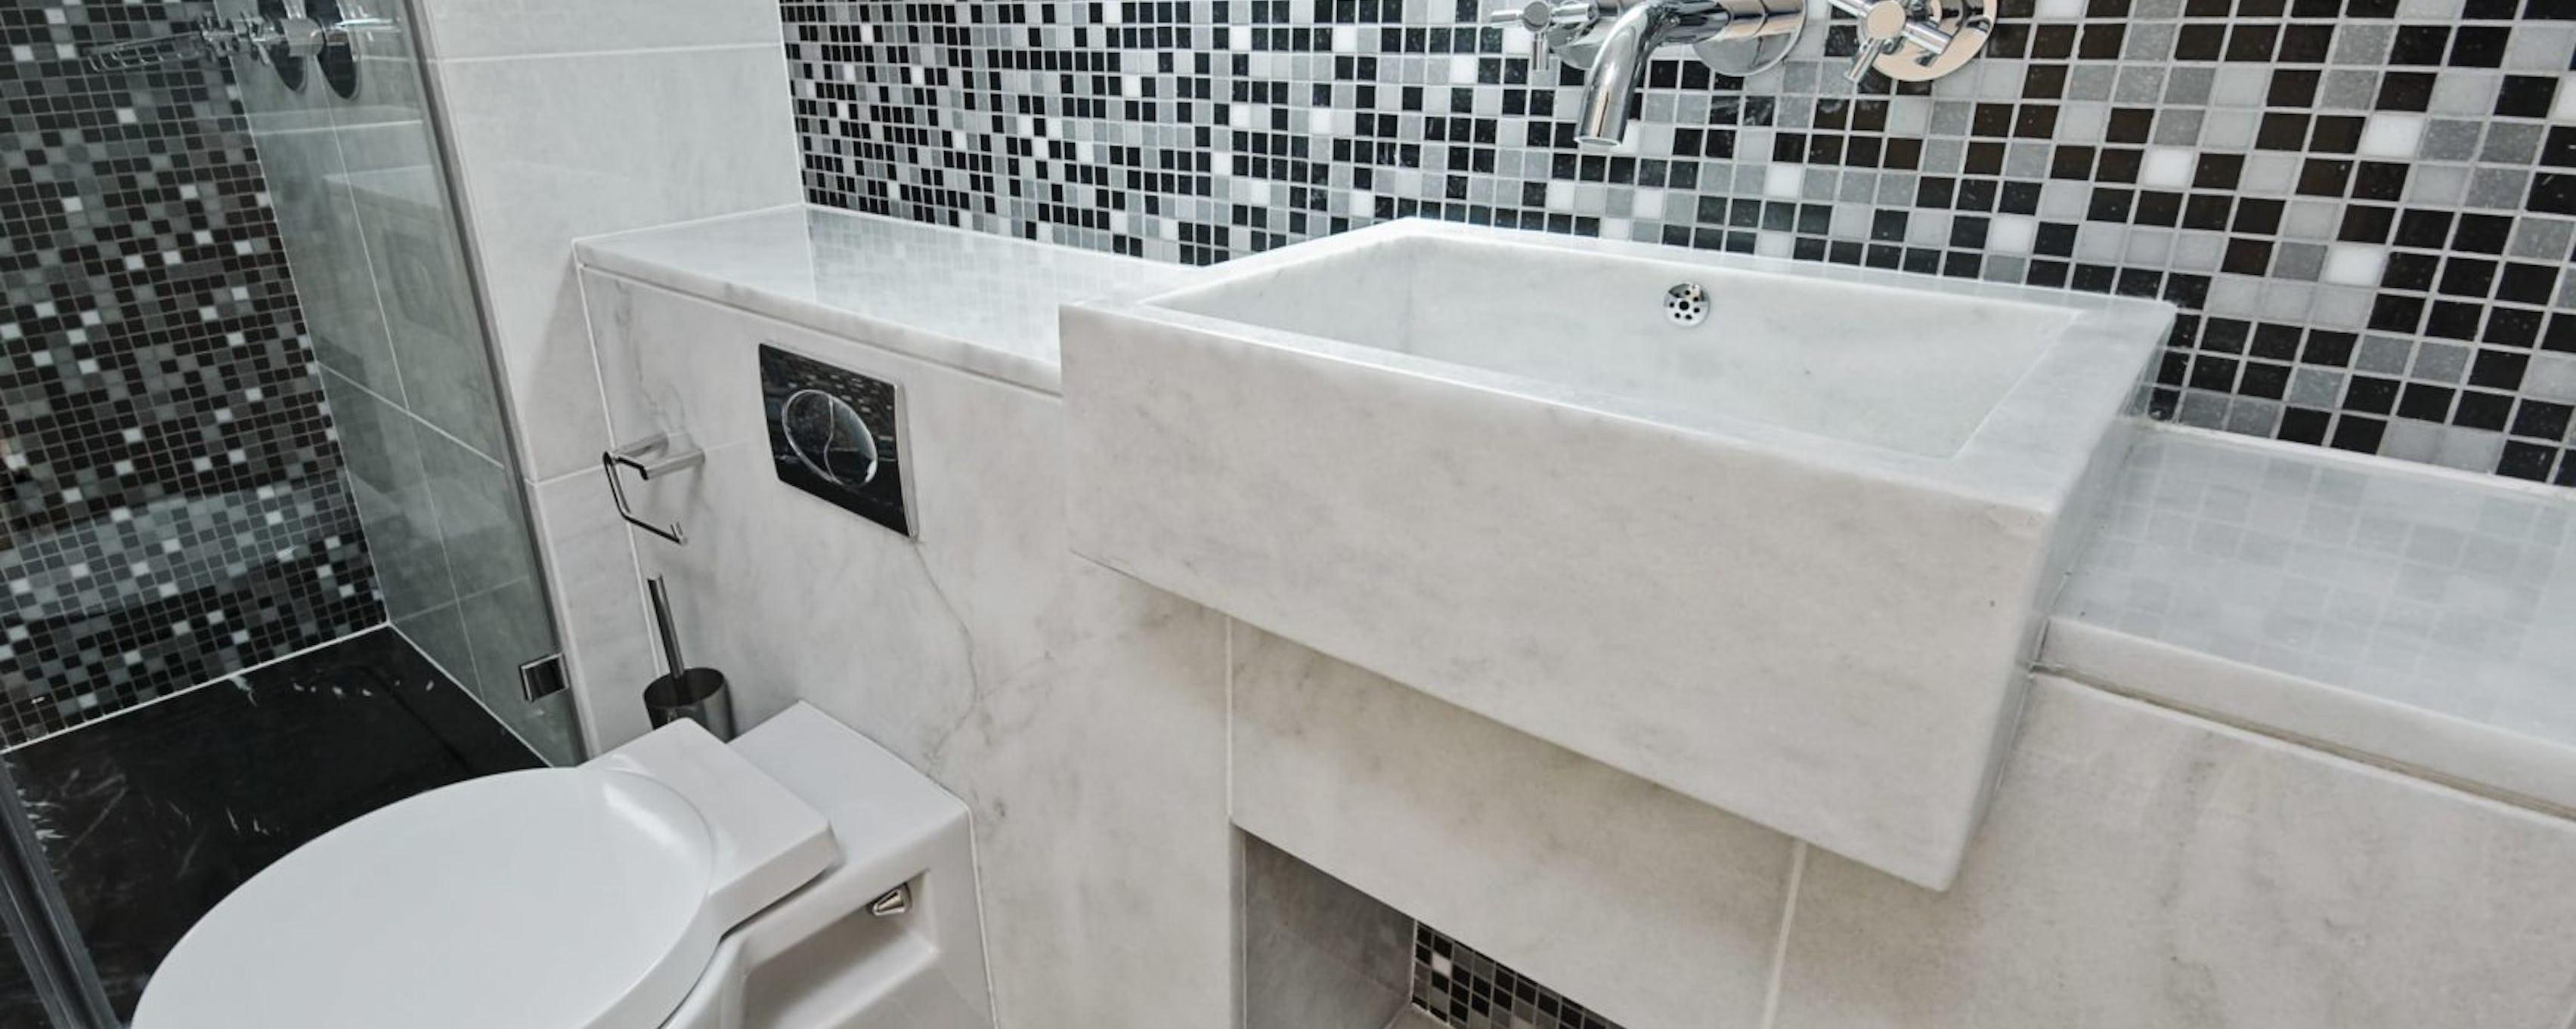 Salle De Bain Et Salle D Eau Différence relooker sa salle de bain : notre top 10 conseils relooking